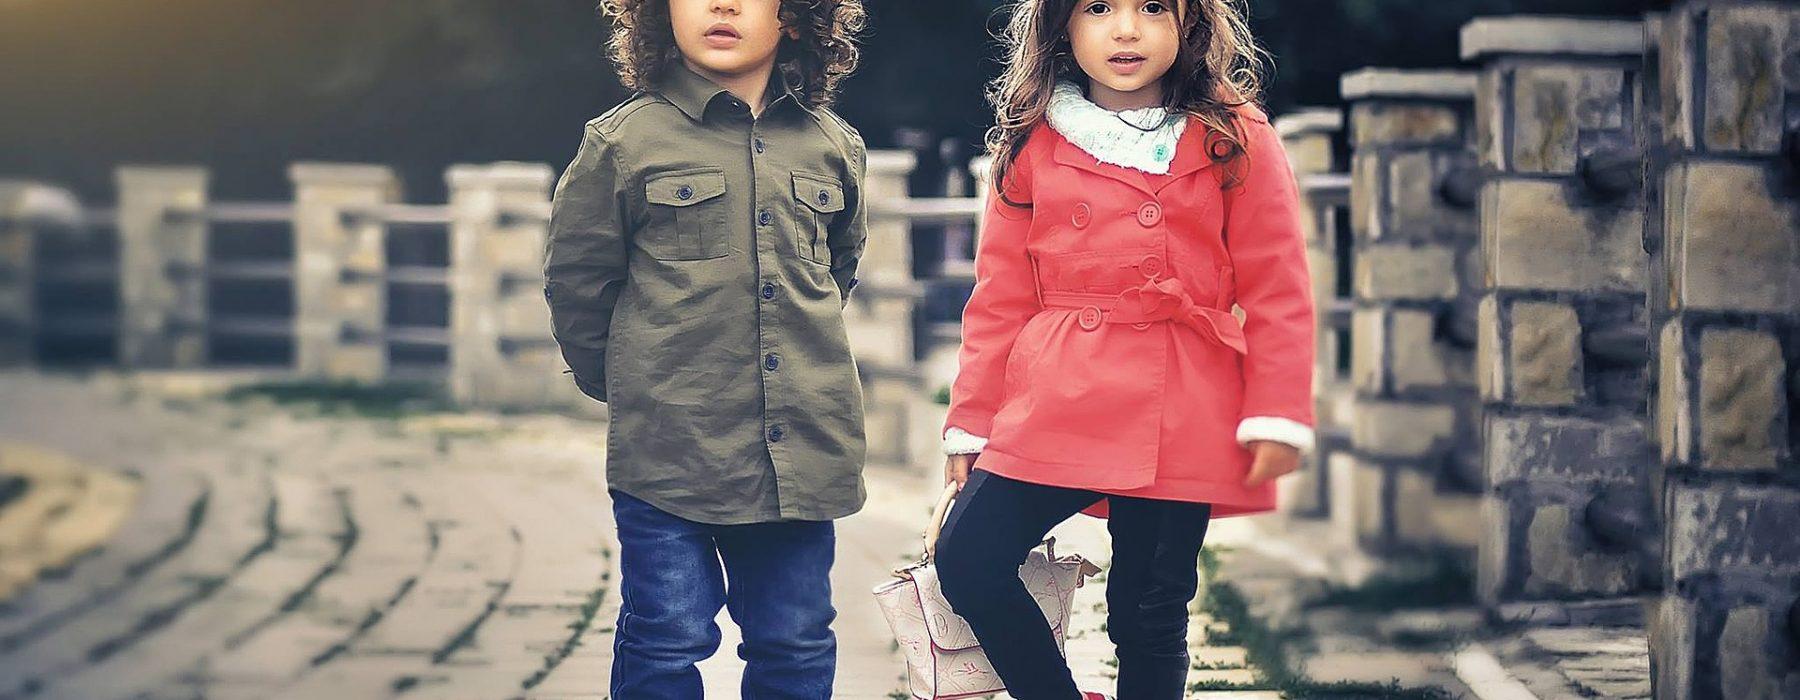 Dziewczynka i chłopiec w modnych ubraniach